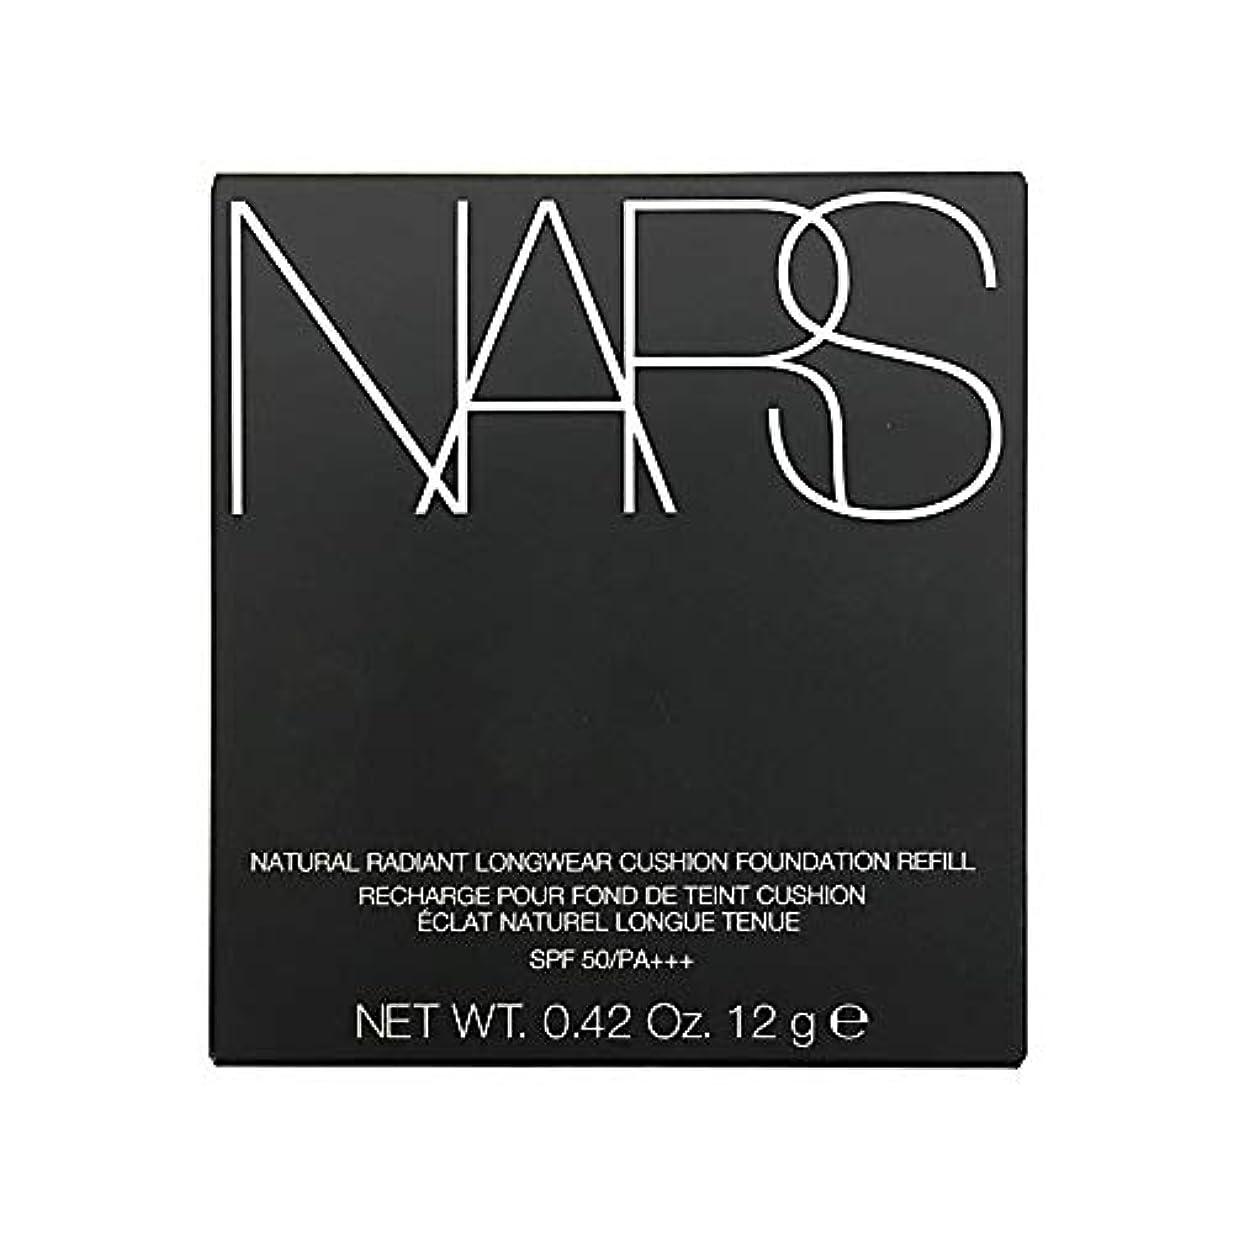 打倒インドメンタリティナーズ/NARS ナチュラルラディアント ロングウェア クッションファンデーション(レフィル)#5878 [ クッションファンデ ] [並行輸入品]